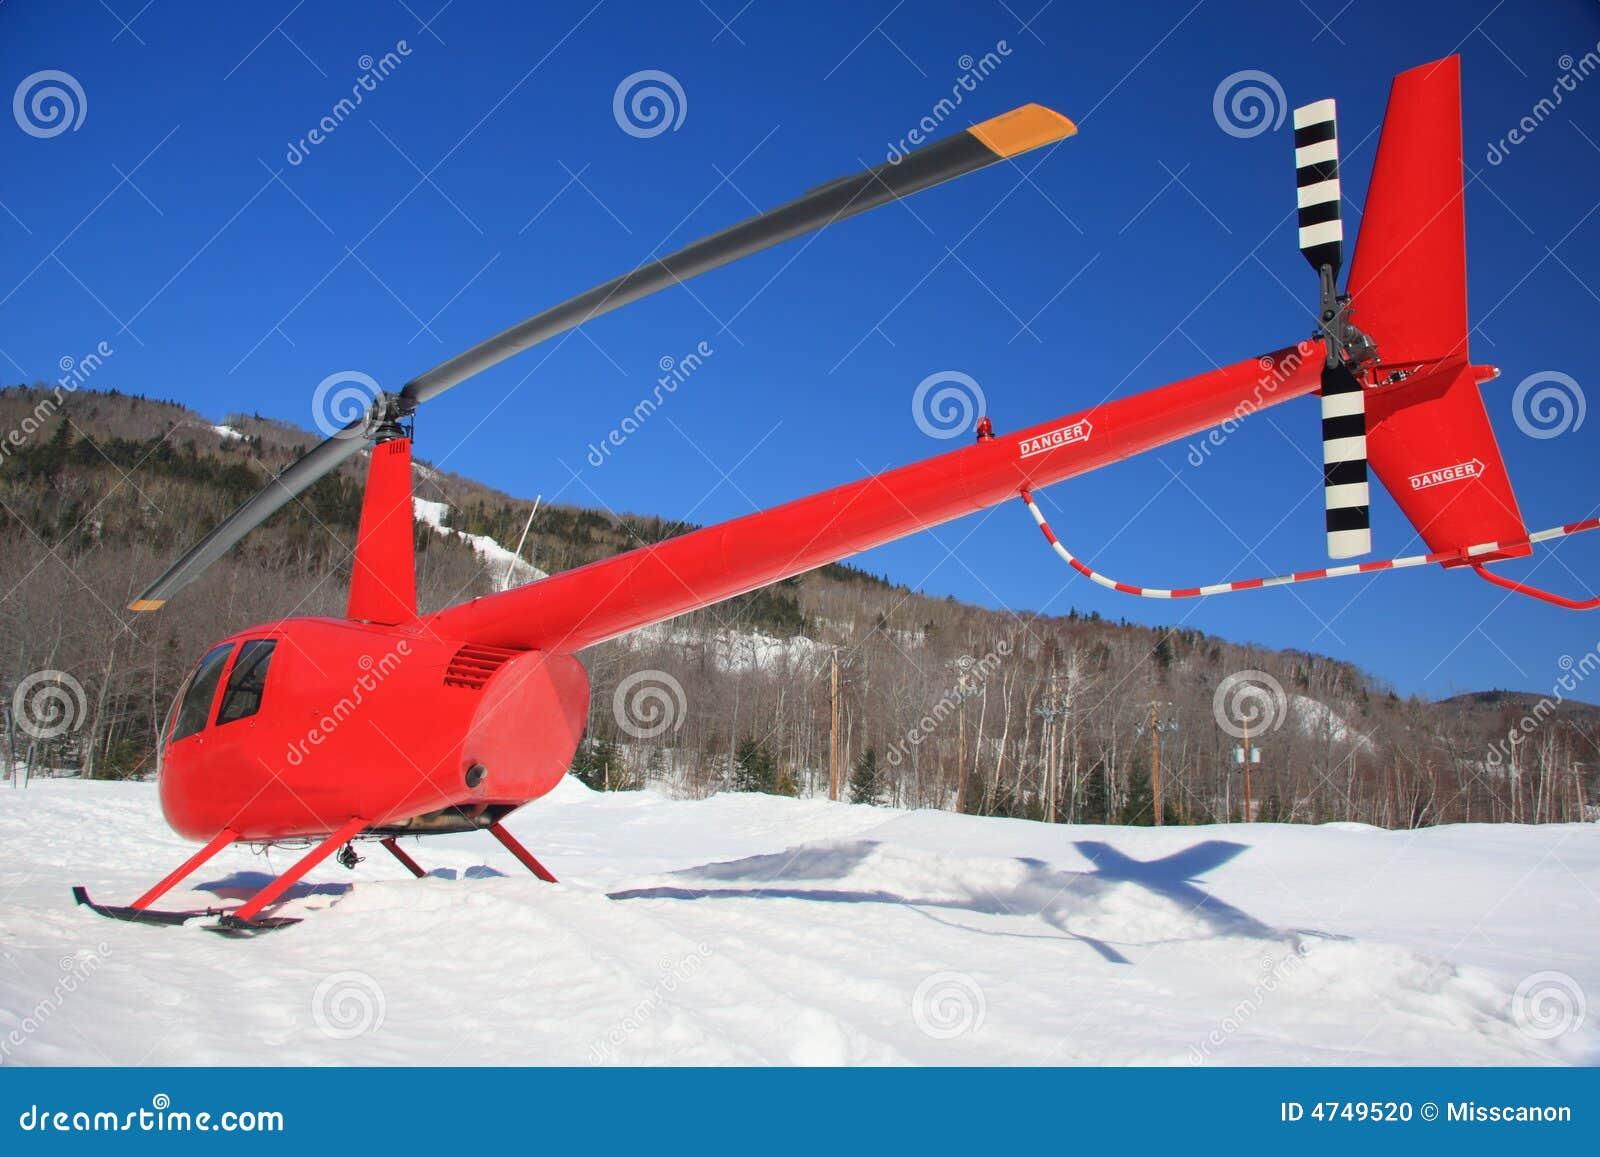 H licopt re rouge dans la neige - Helicoptere jaune et rouge ...